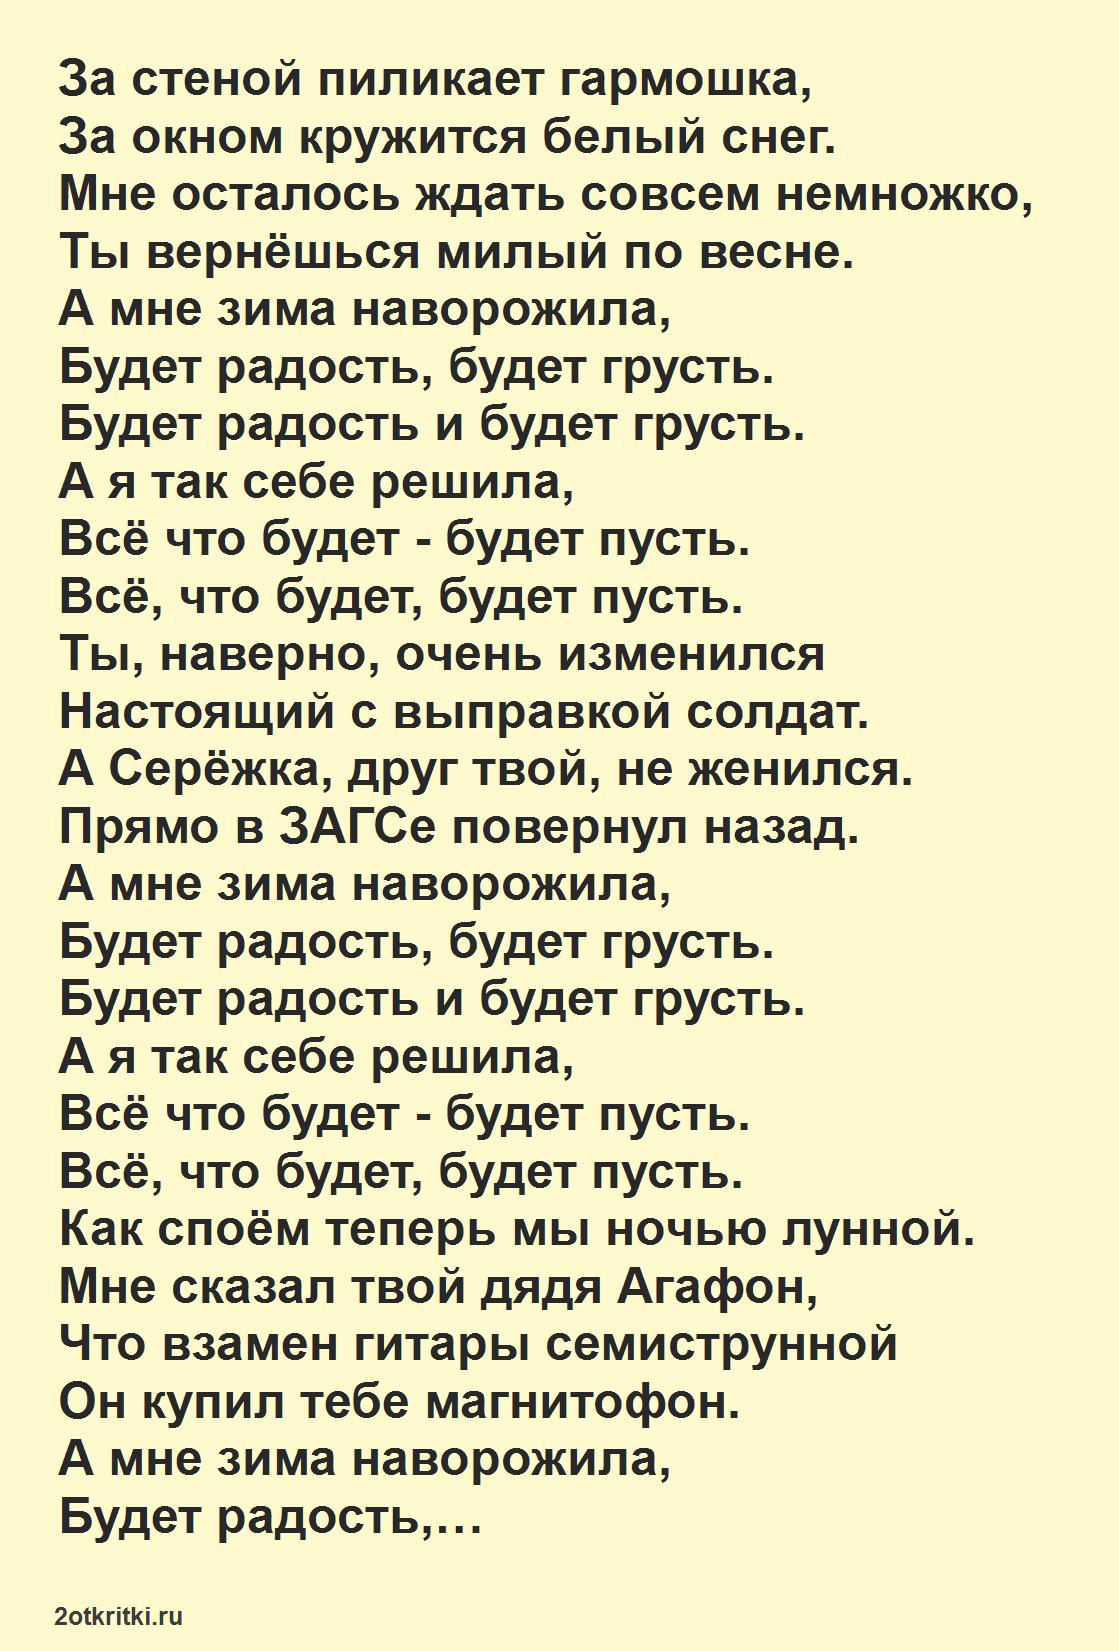 Песни к 23 февраля современные - Письмо солдату